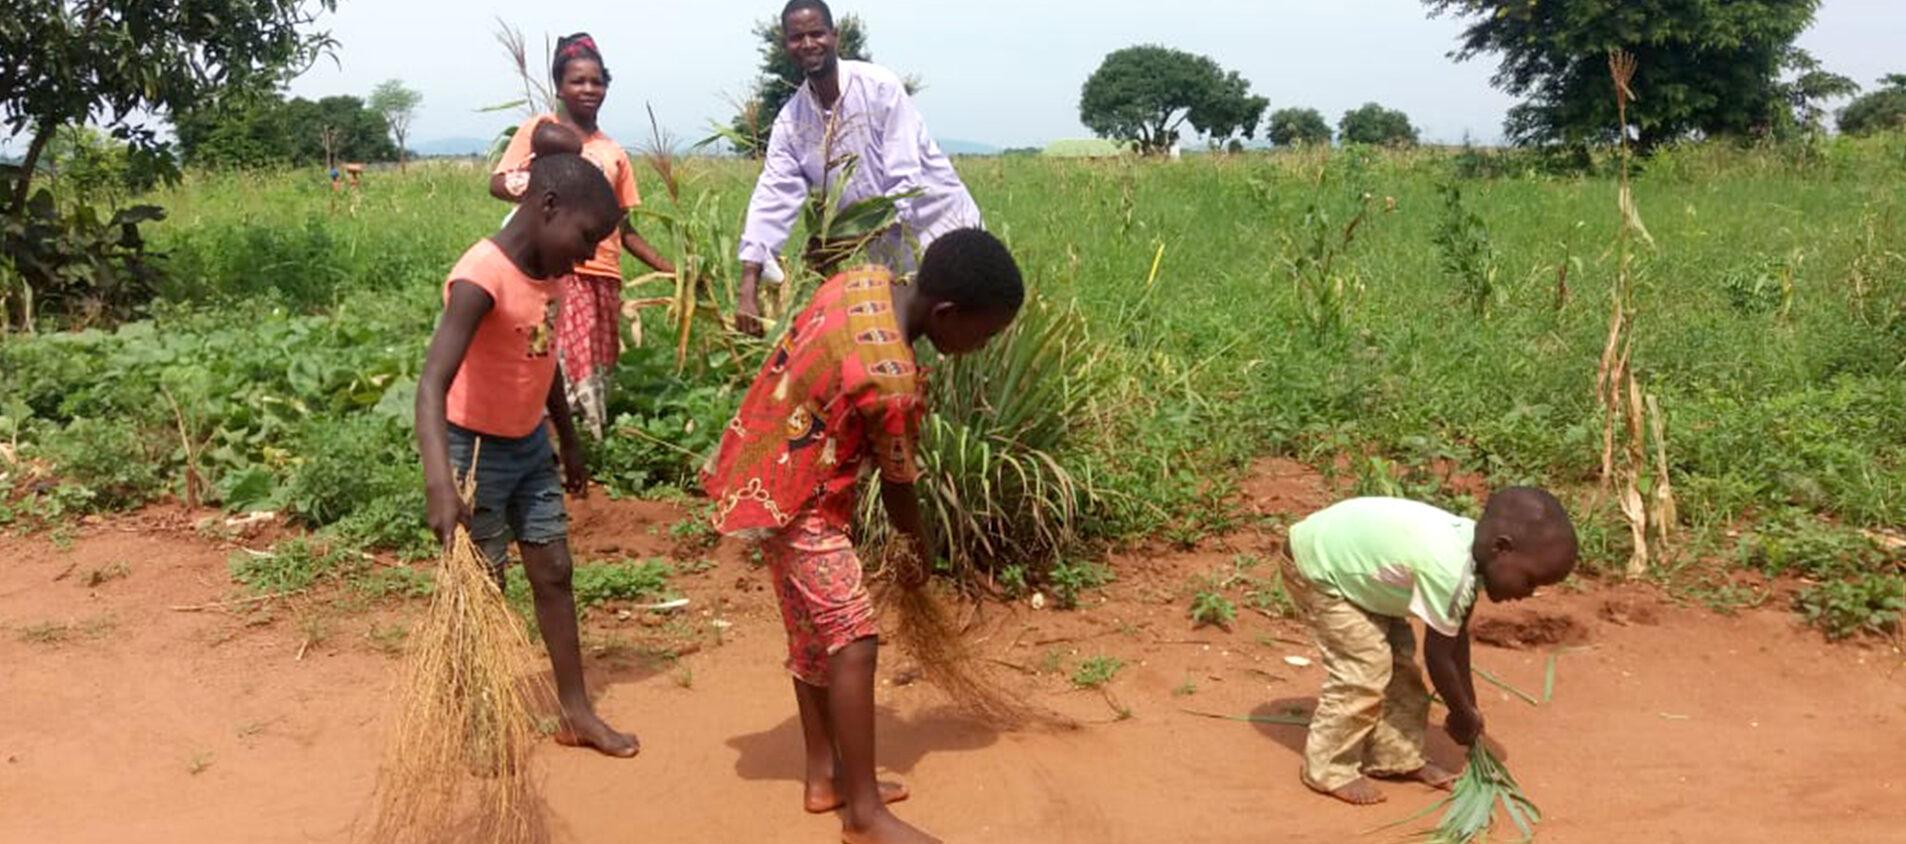 Hela familjen hjälps åt på majsfältet.